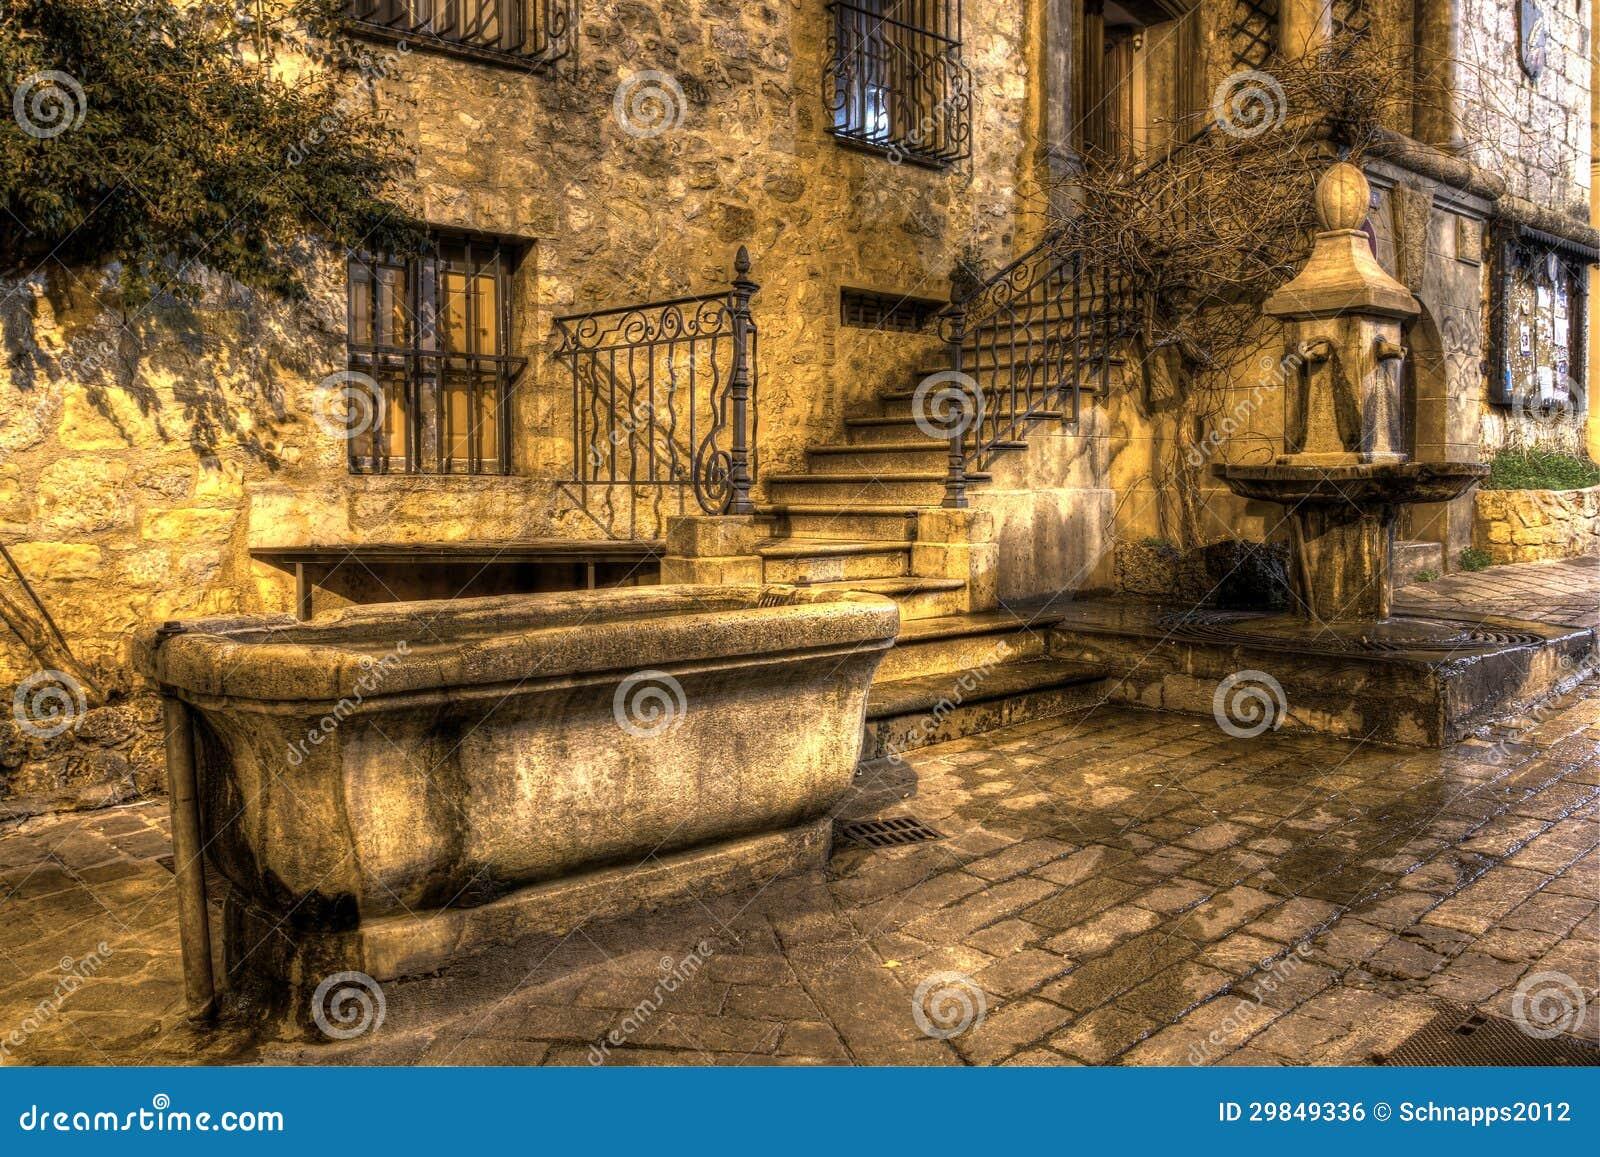 Cuvette et fontaine en pierre de boissons image libre de droits image 29849336 - Sud de la france ville ...